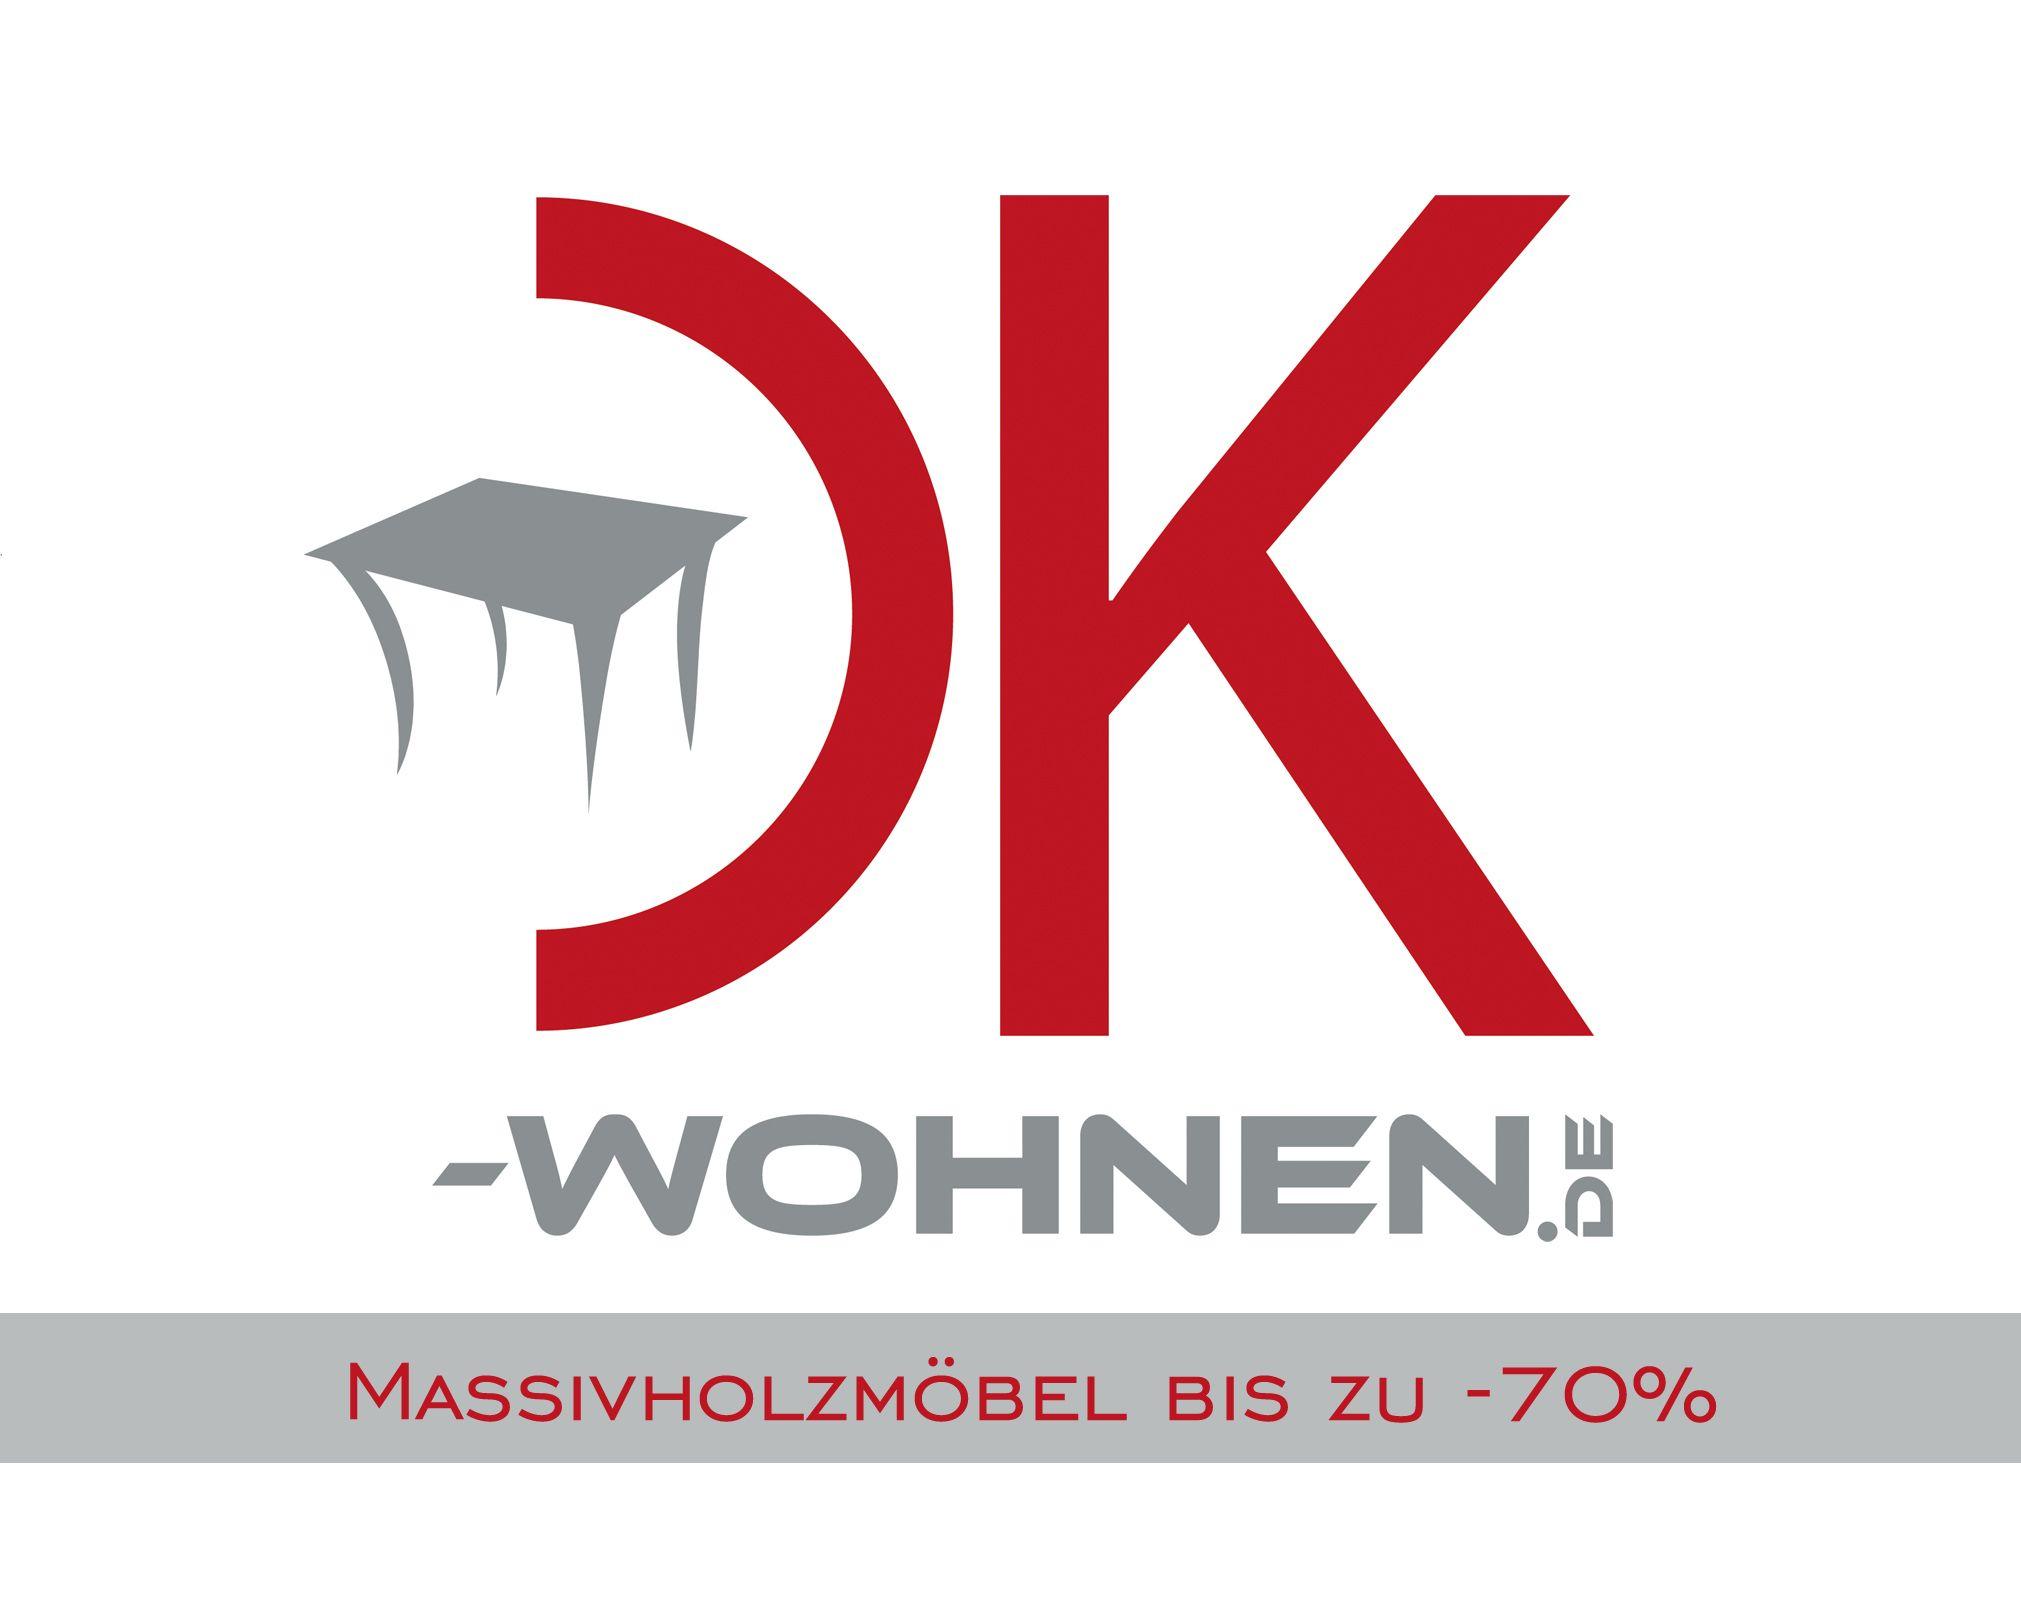 Online Möbelshop Bis Zu  70% Reduziert! Massiv  / Echt  / Naturholzmöbel